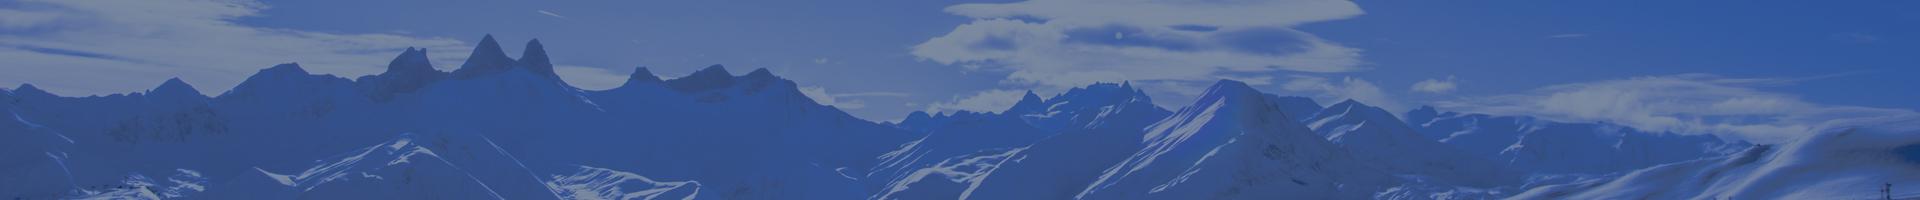 bandeau-newsletter-hiver-bleu-fonce-946